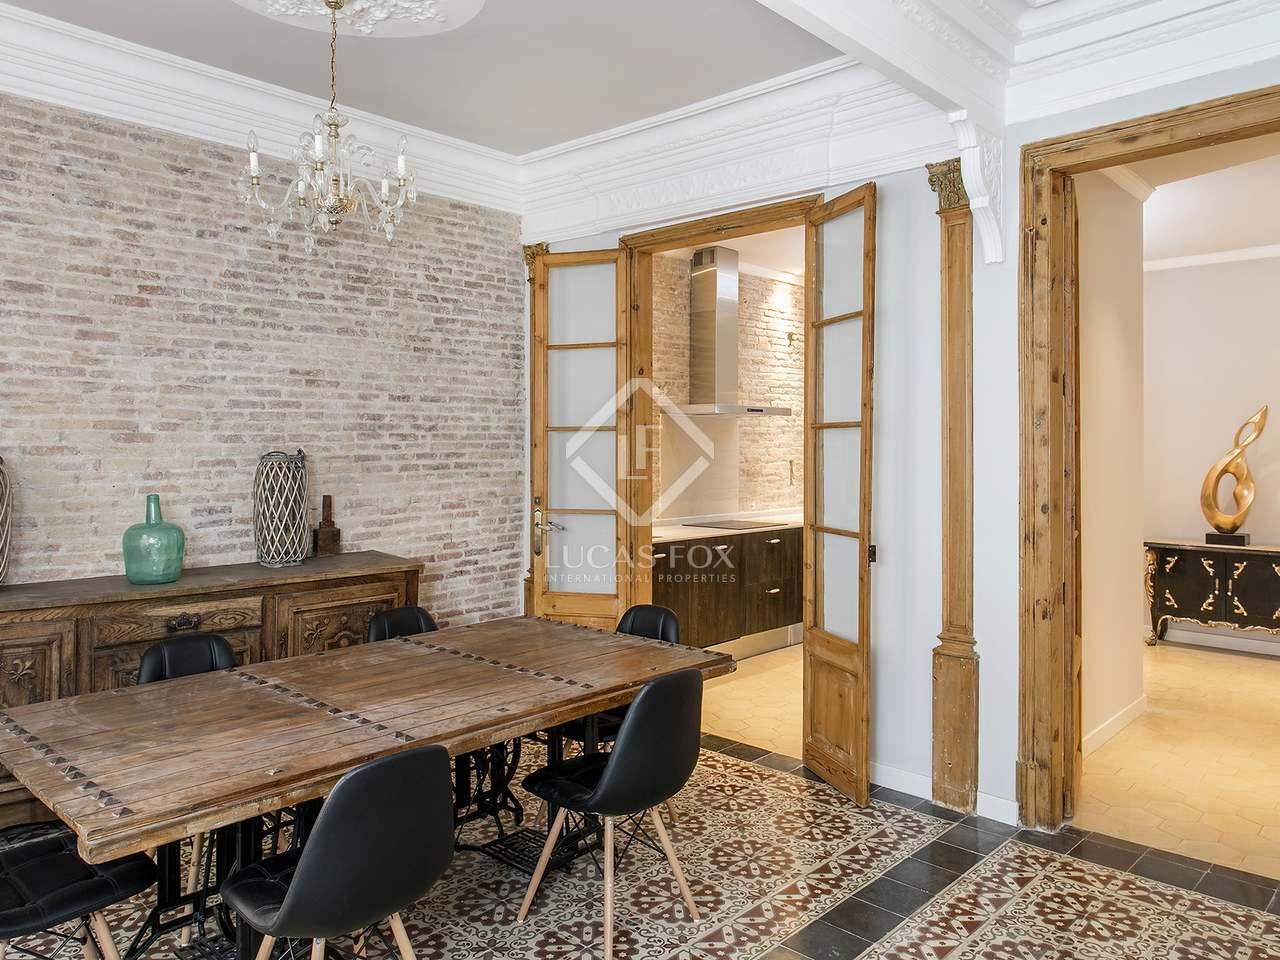 Appartement de 121m a louer g tico barcelone for Appartement a louer a barcelone avec piscine